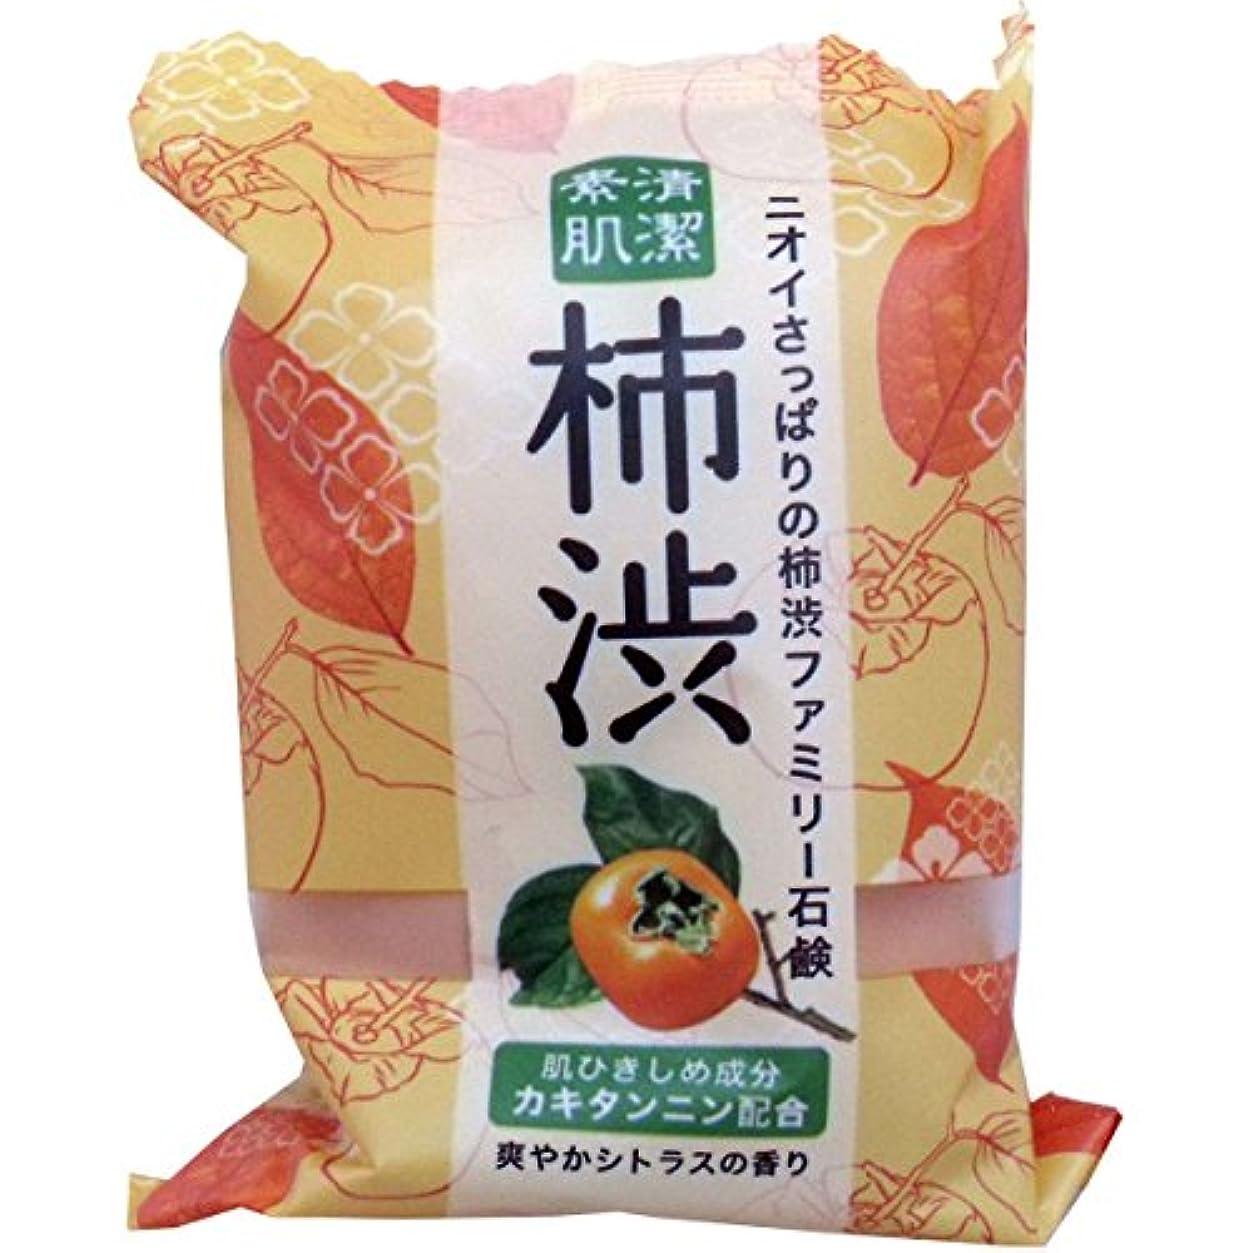 ツール悲惨なメトロポリタンペリカン石鹸 ファミリー柿渋石鹸(1個)